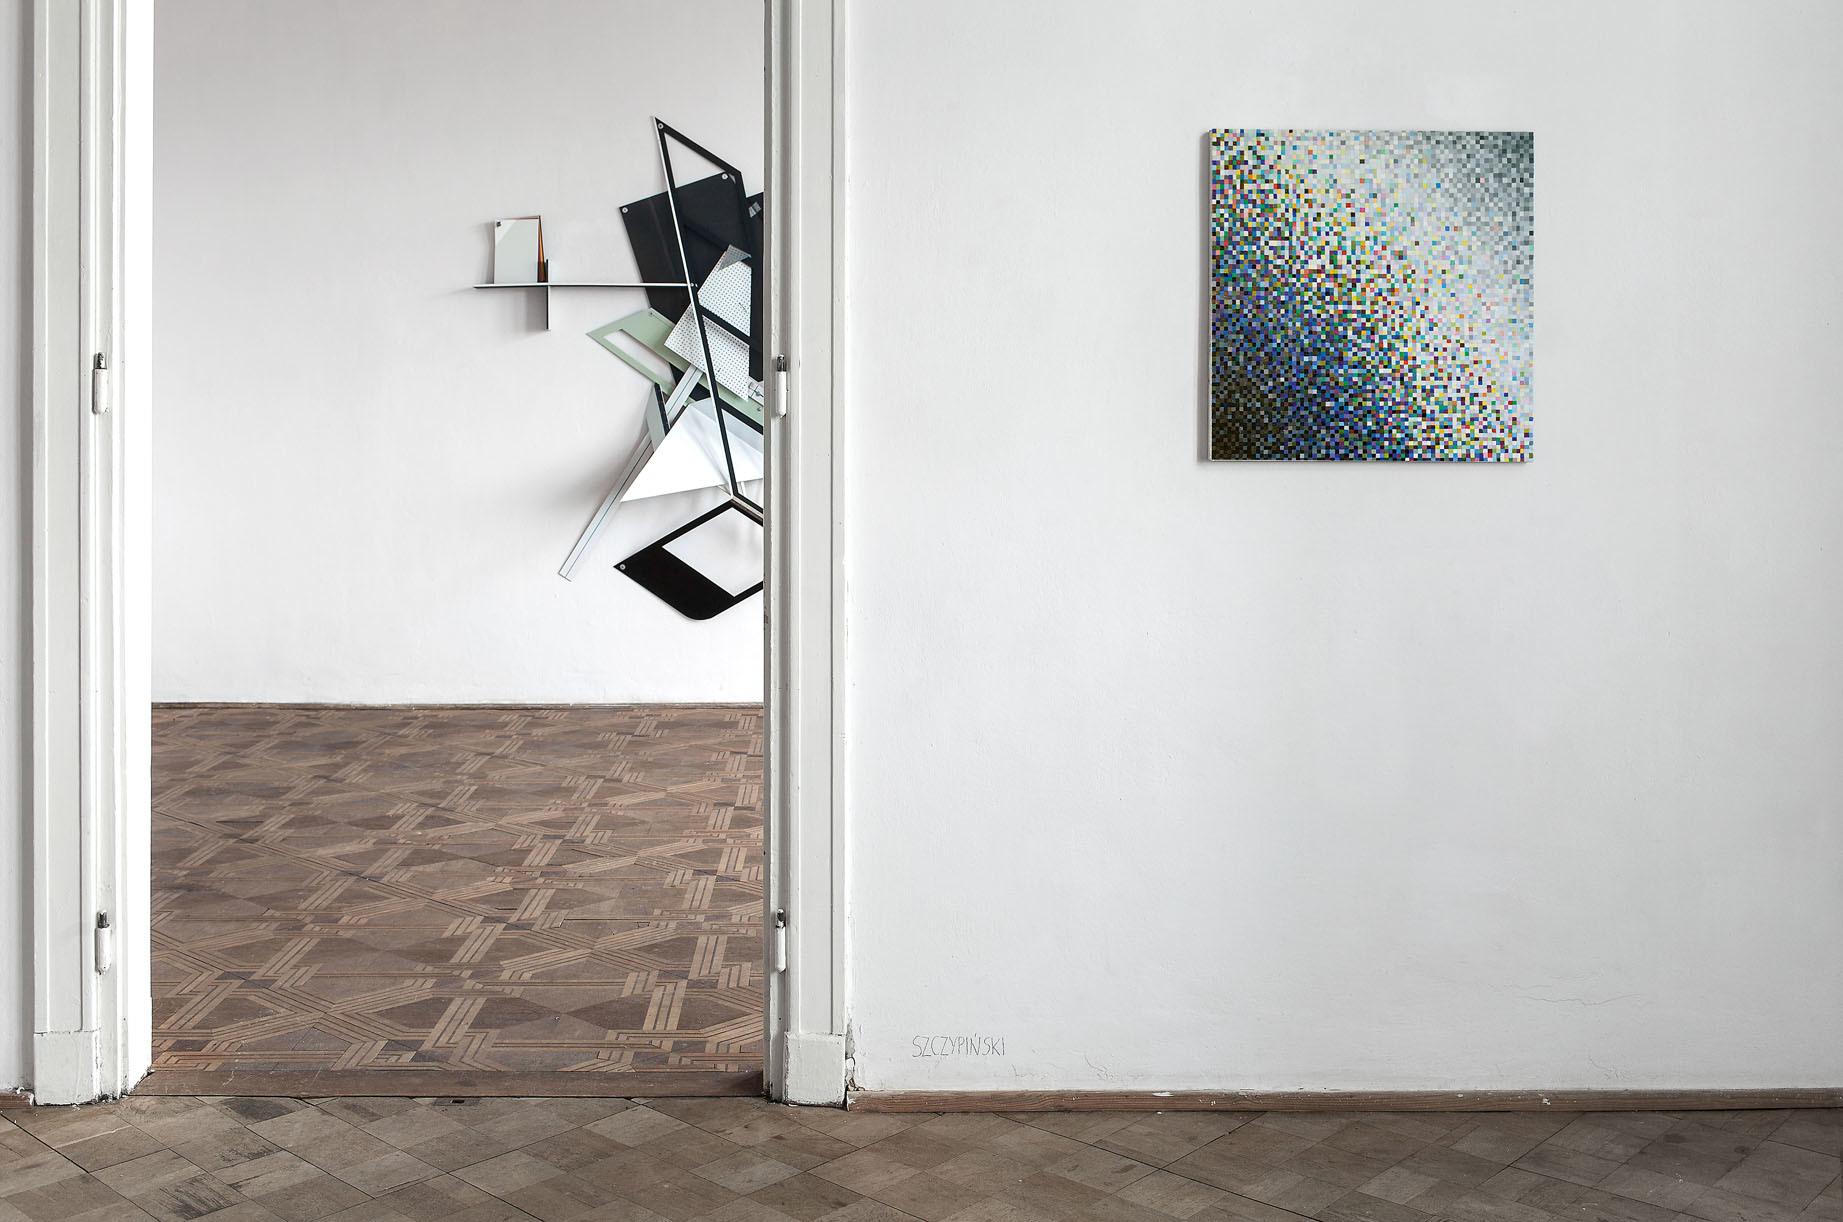 Benjamin Bronni & Mateusz Szczypiński, Somewhere Between, widok wystawy wlokal_30